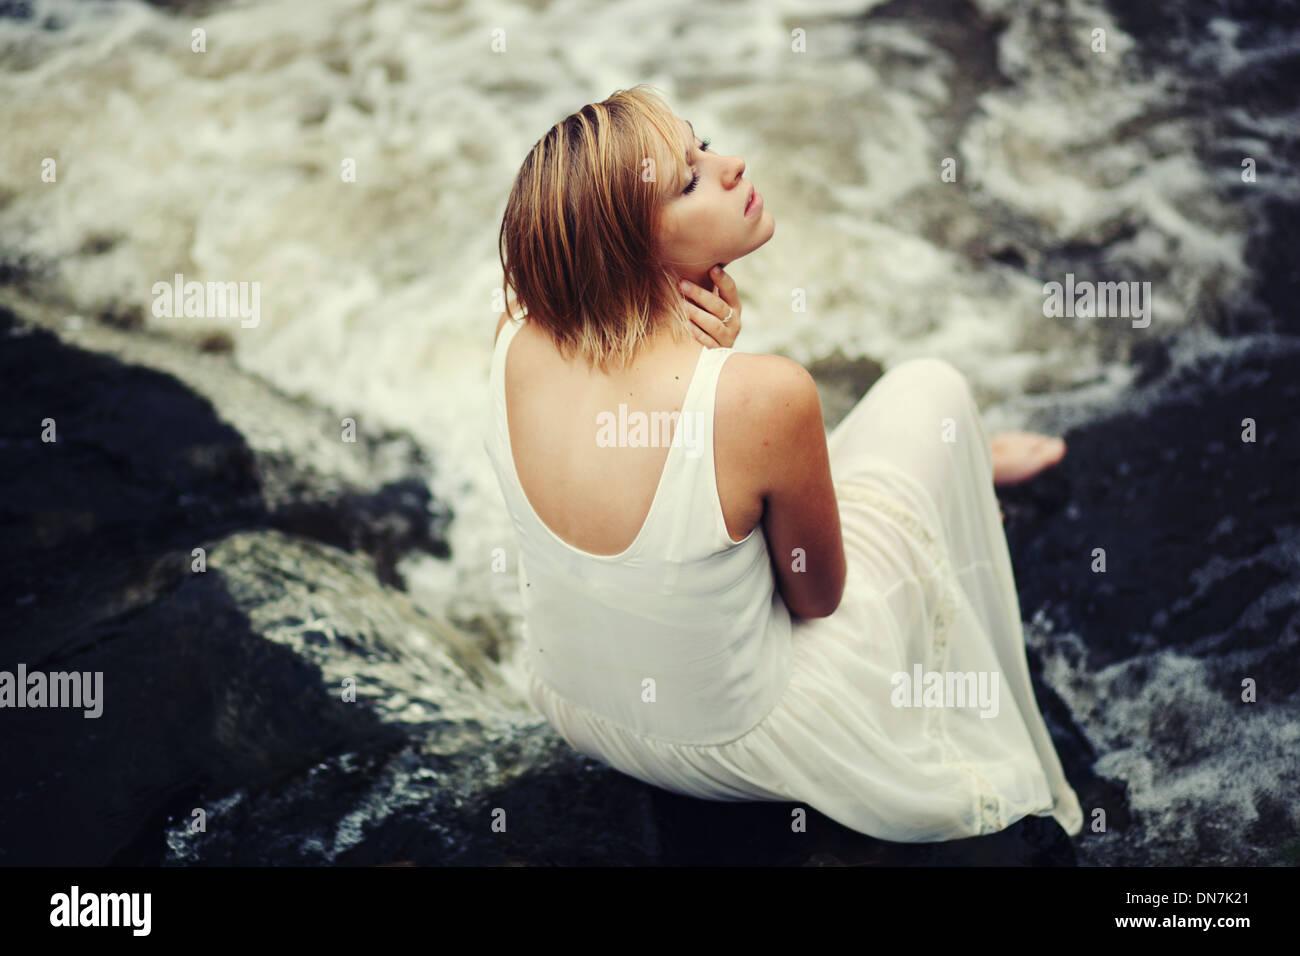 Junge Frau im weißen Kleid an einem Bach sitzen Stockbild